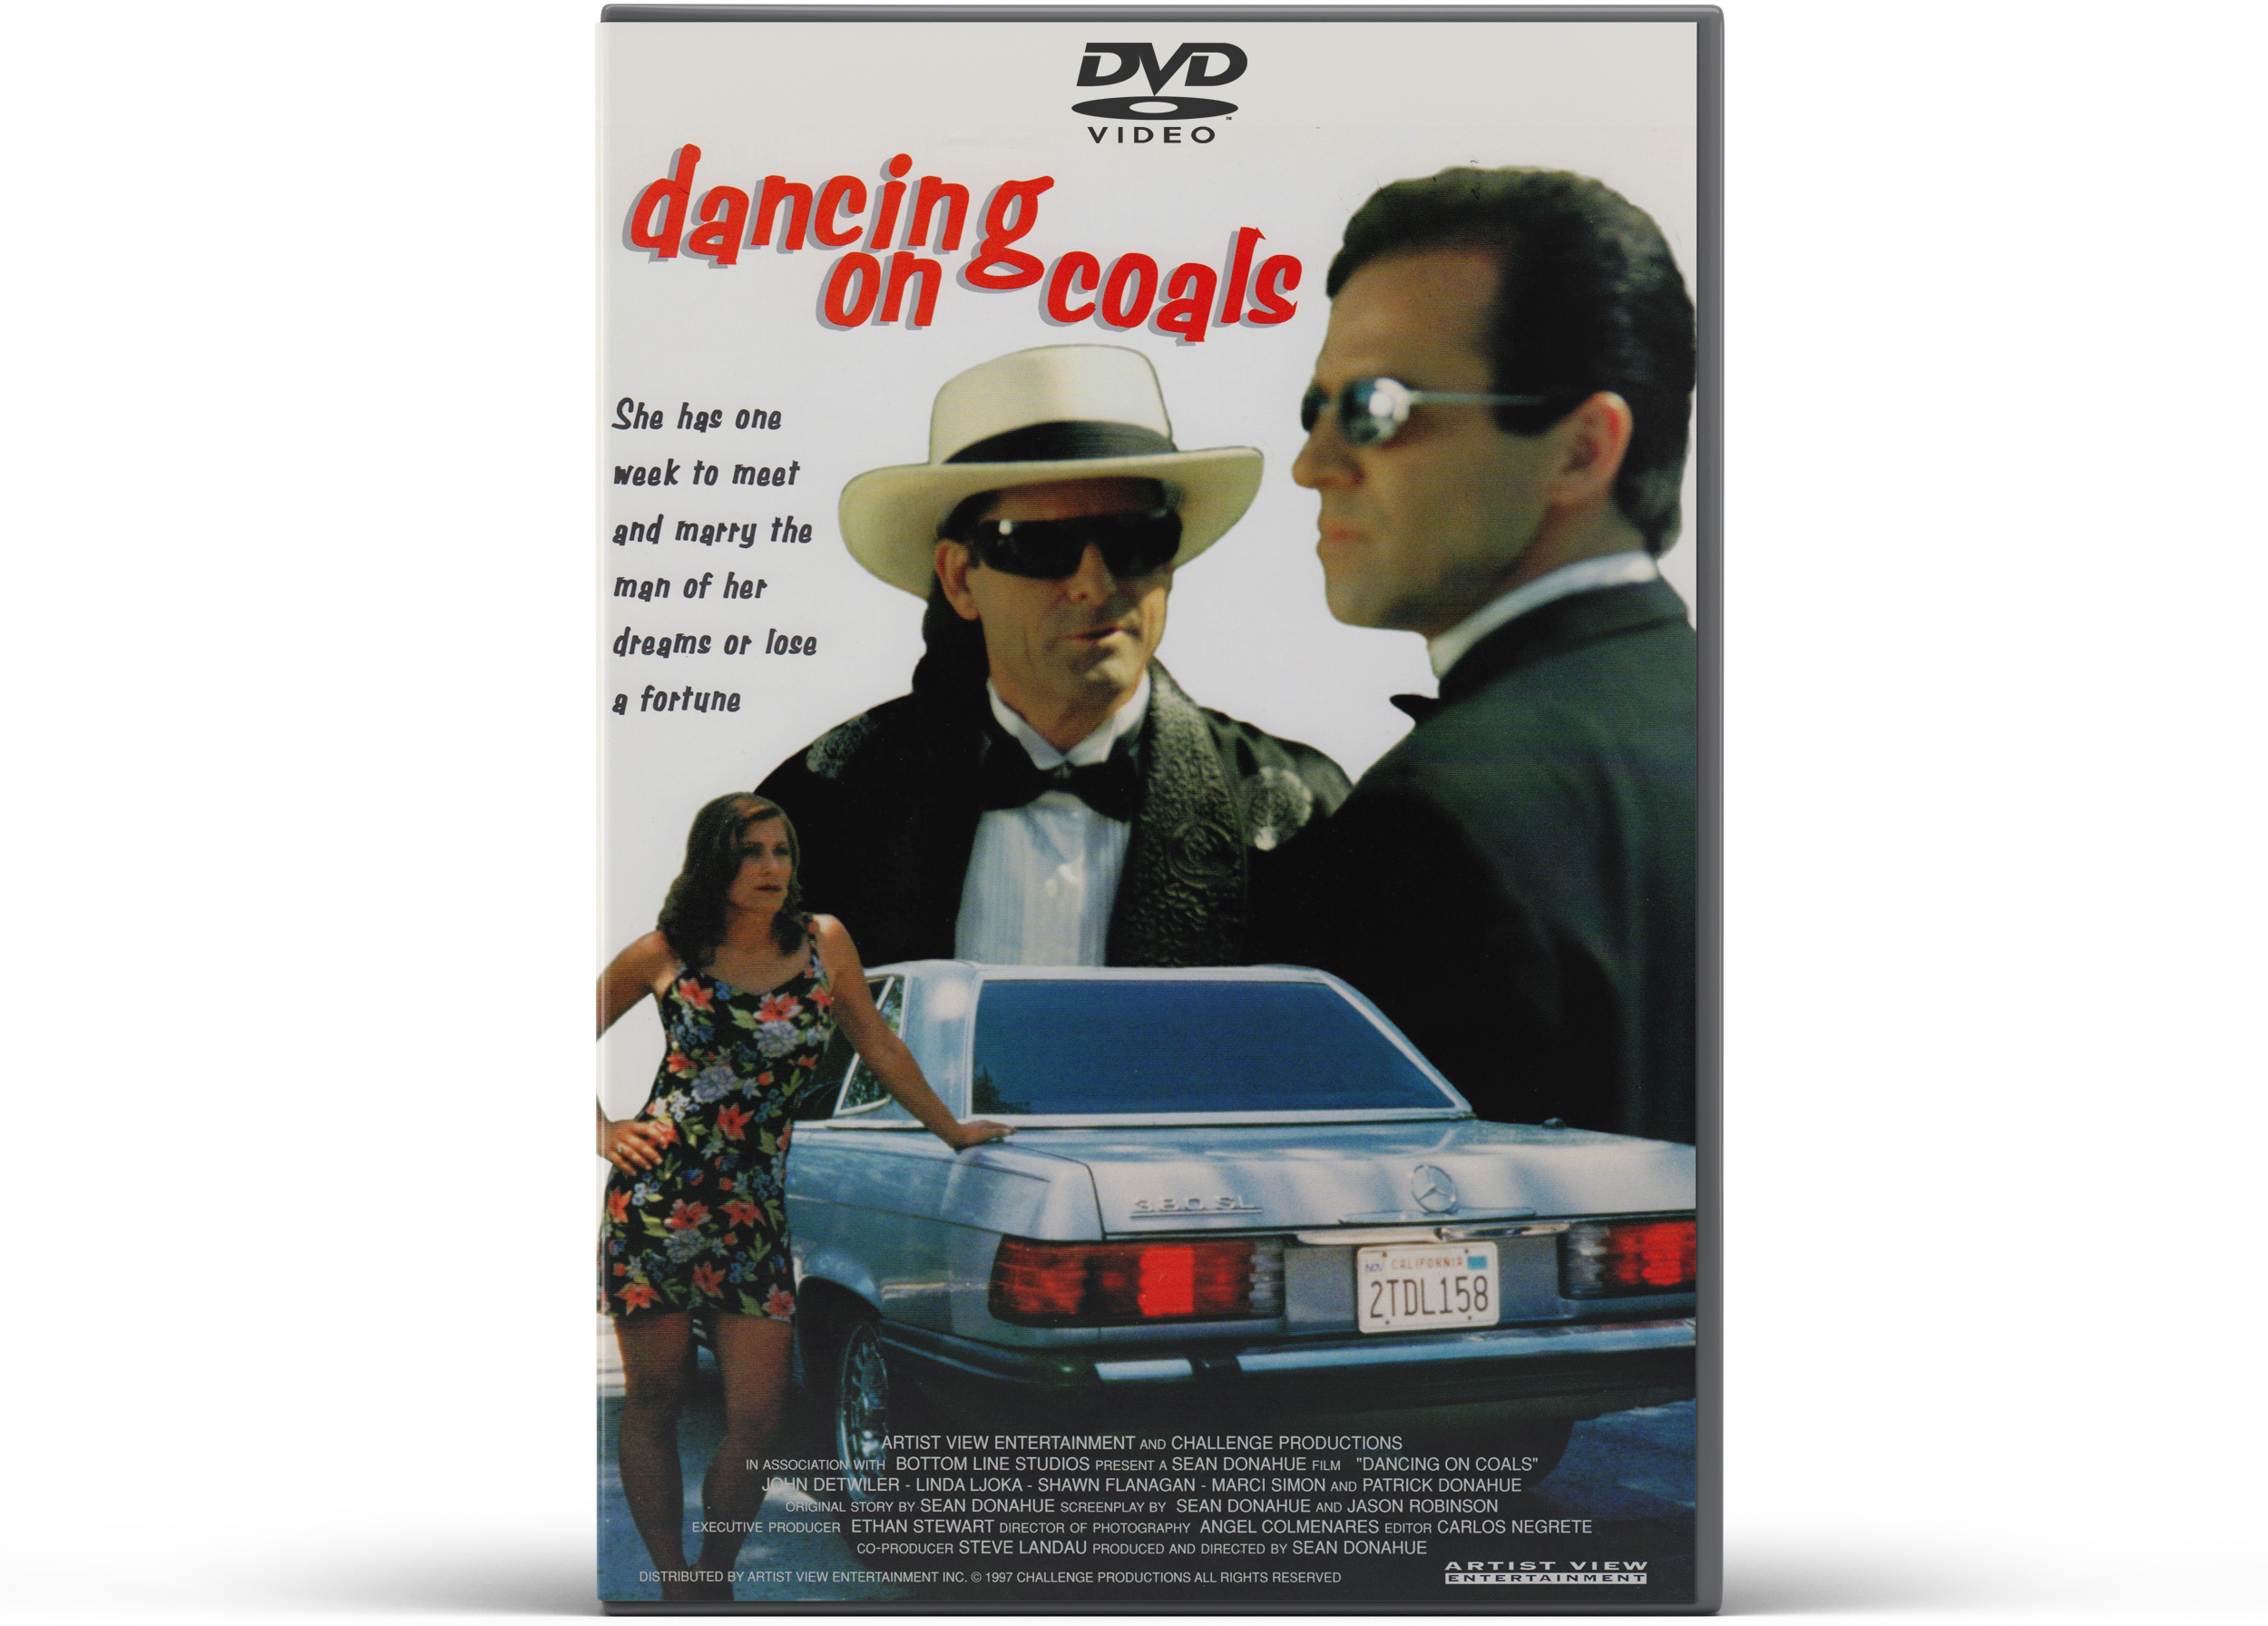 Dancing On Coals DVD (trimmed).jpg